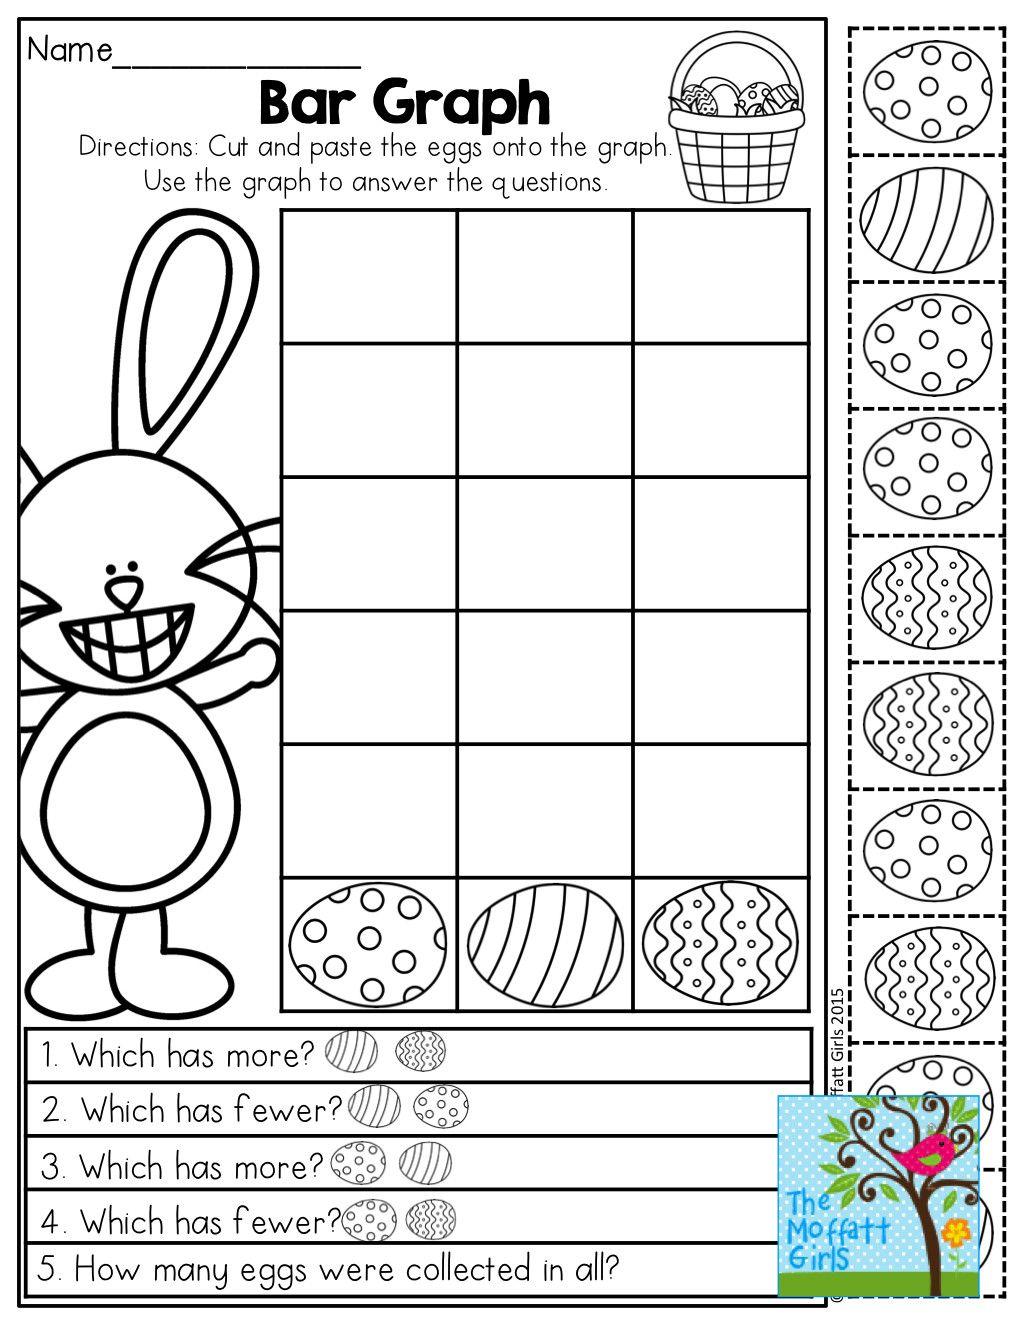 6 Fun Preschool Easter Worksheets In